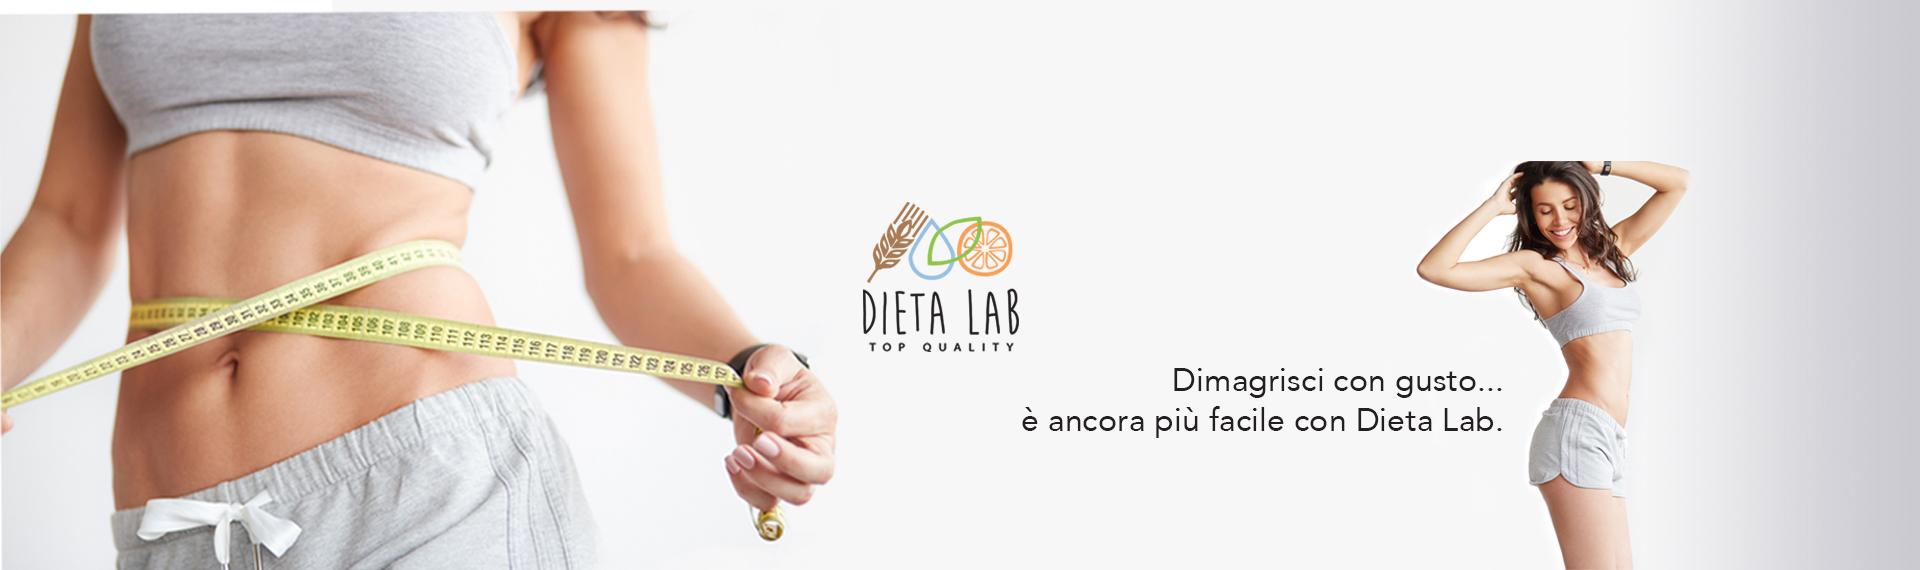 banner-dietalab-def